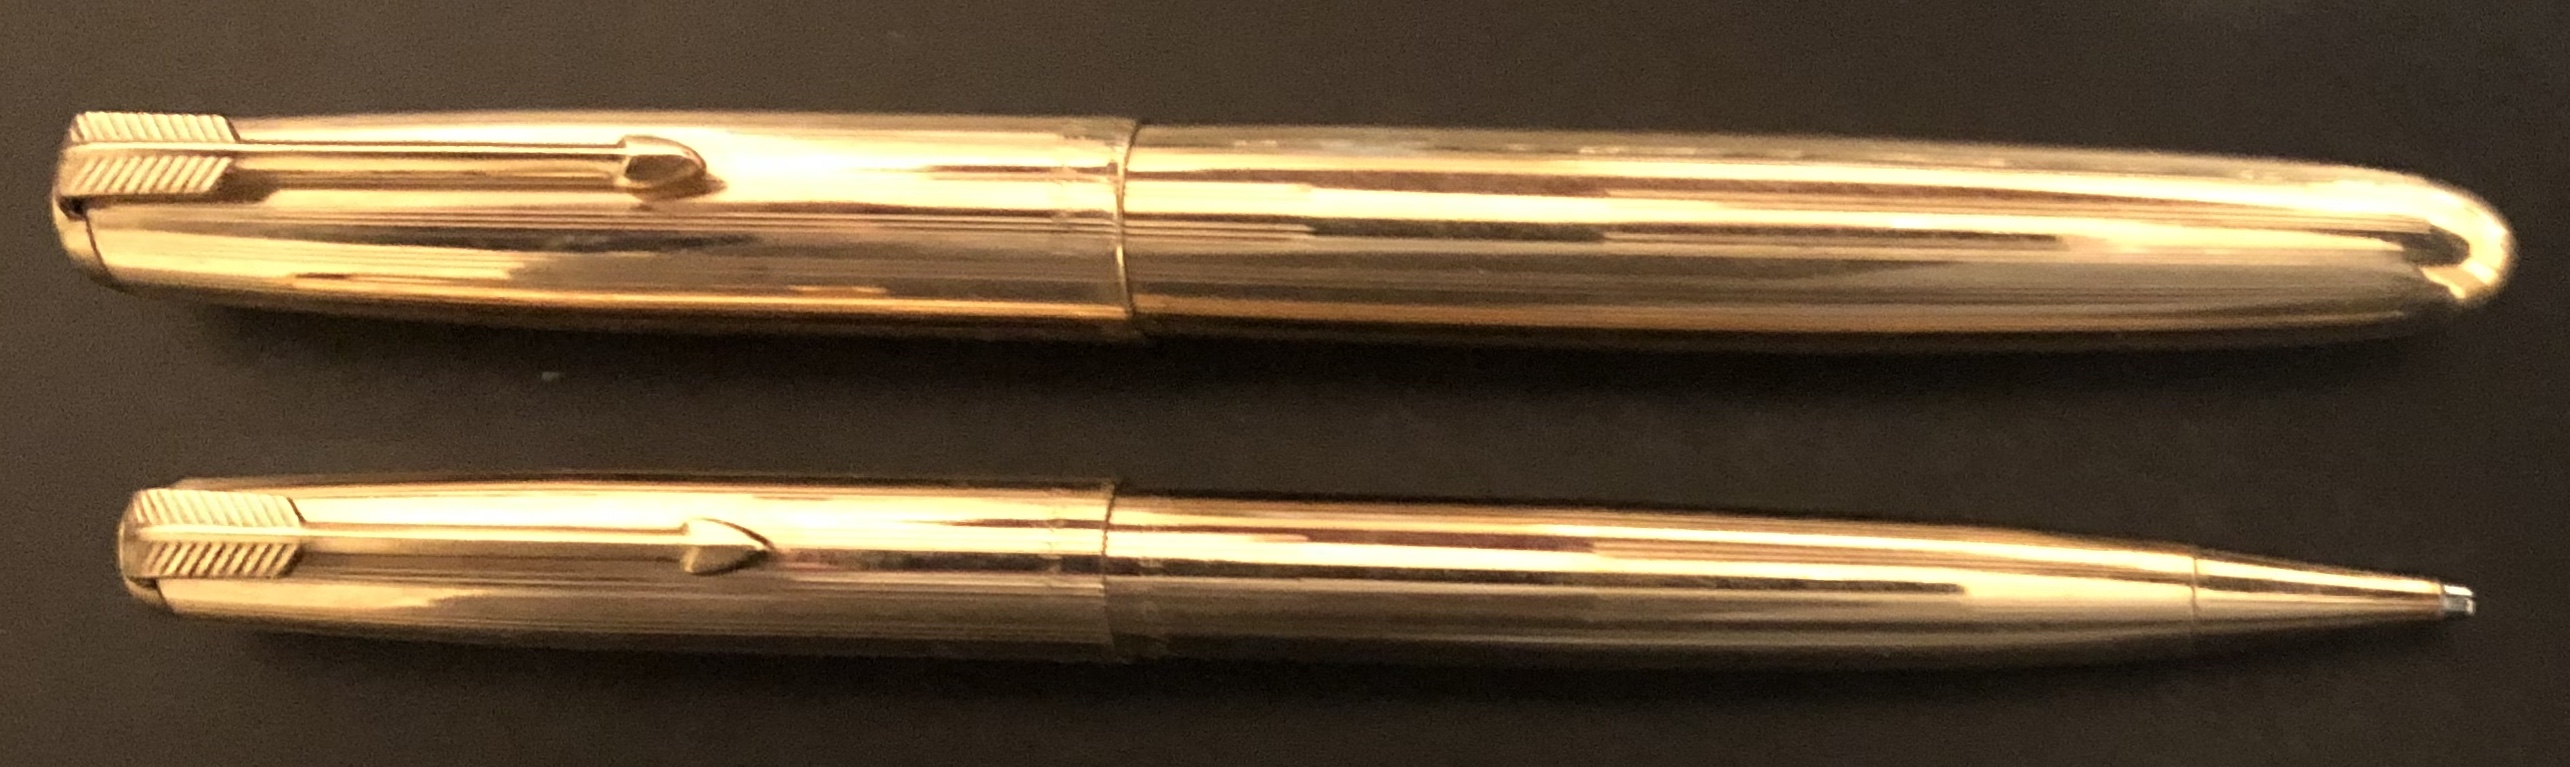 FAF840F5-D984-4A7D-B287-CAD01B5CCDF3